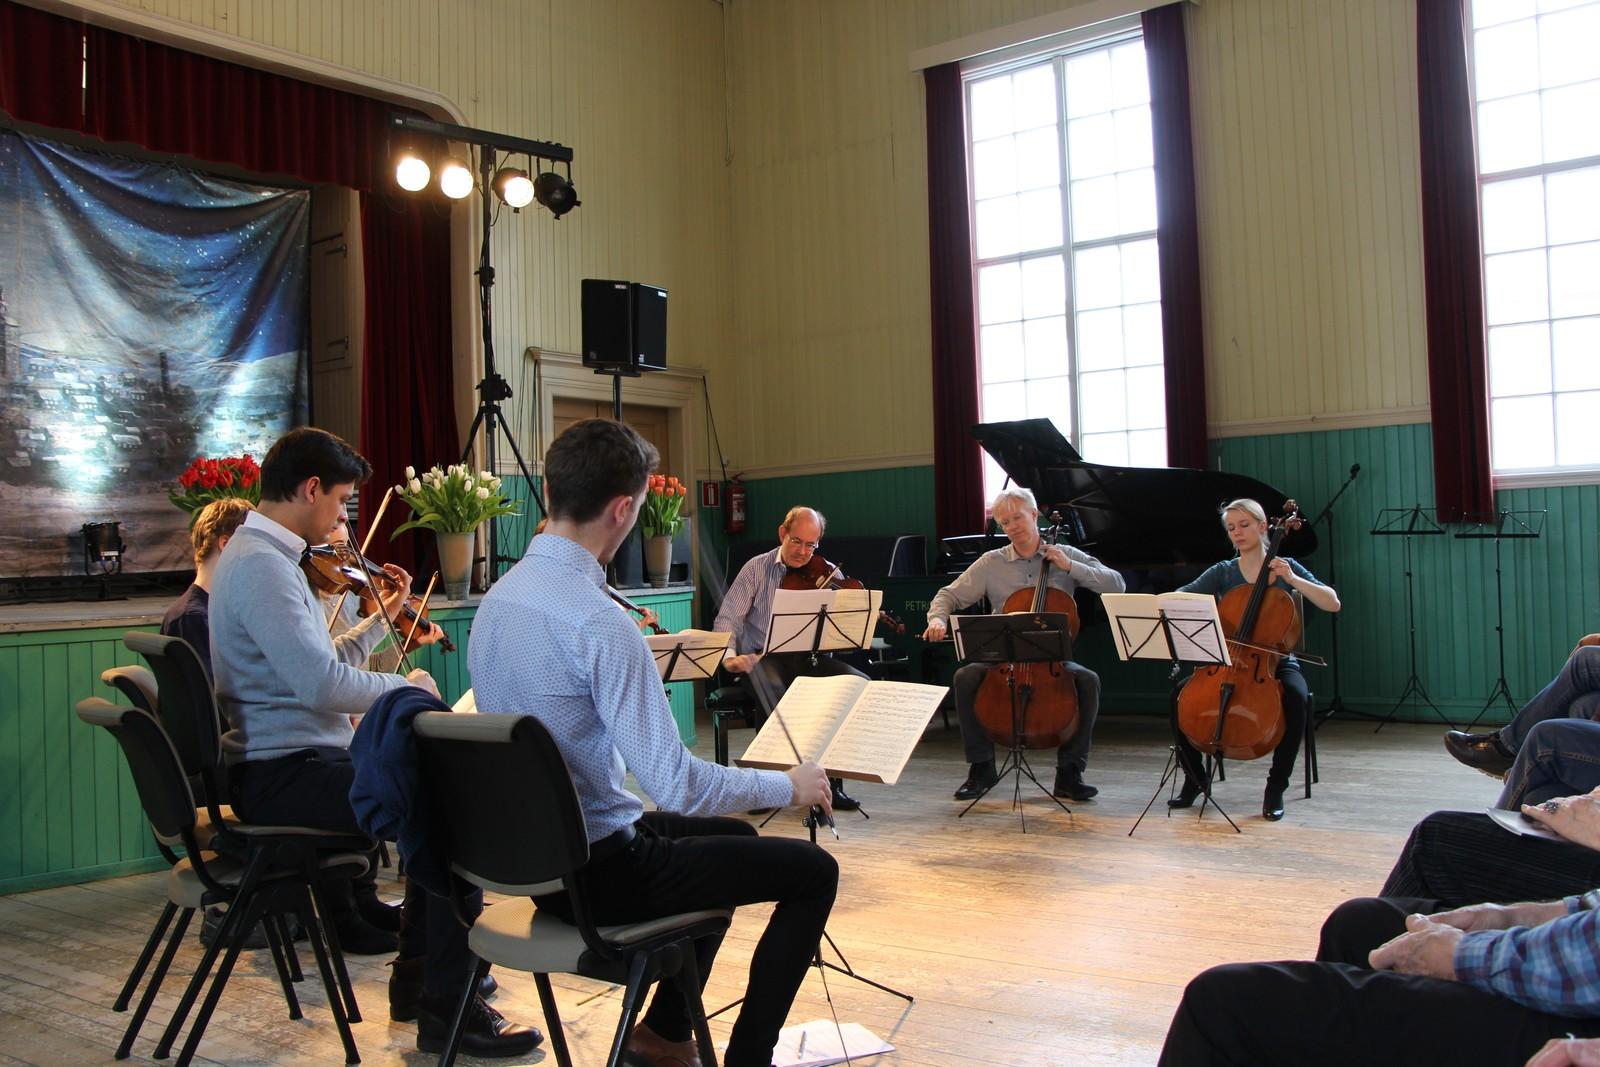 Kandidatene på KonstKnekt øver til kveldens konsert med medlemmer fra Berlinfilarmonien.